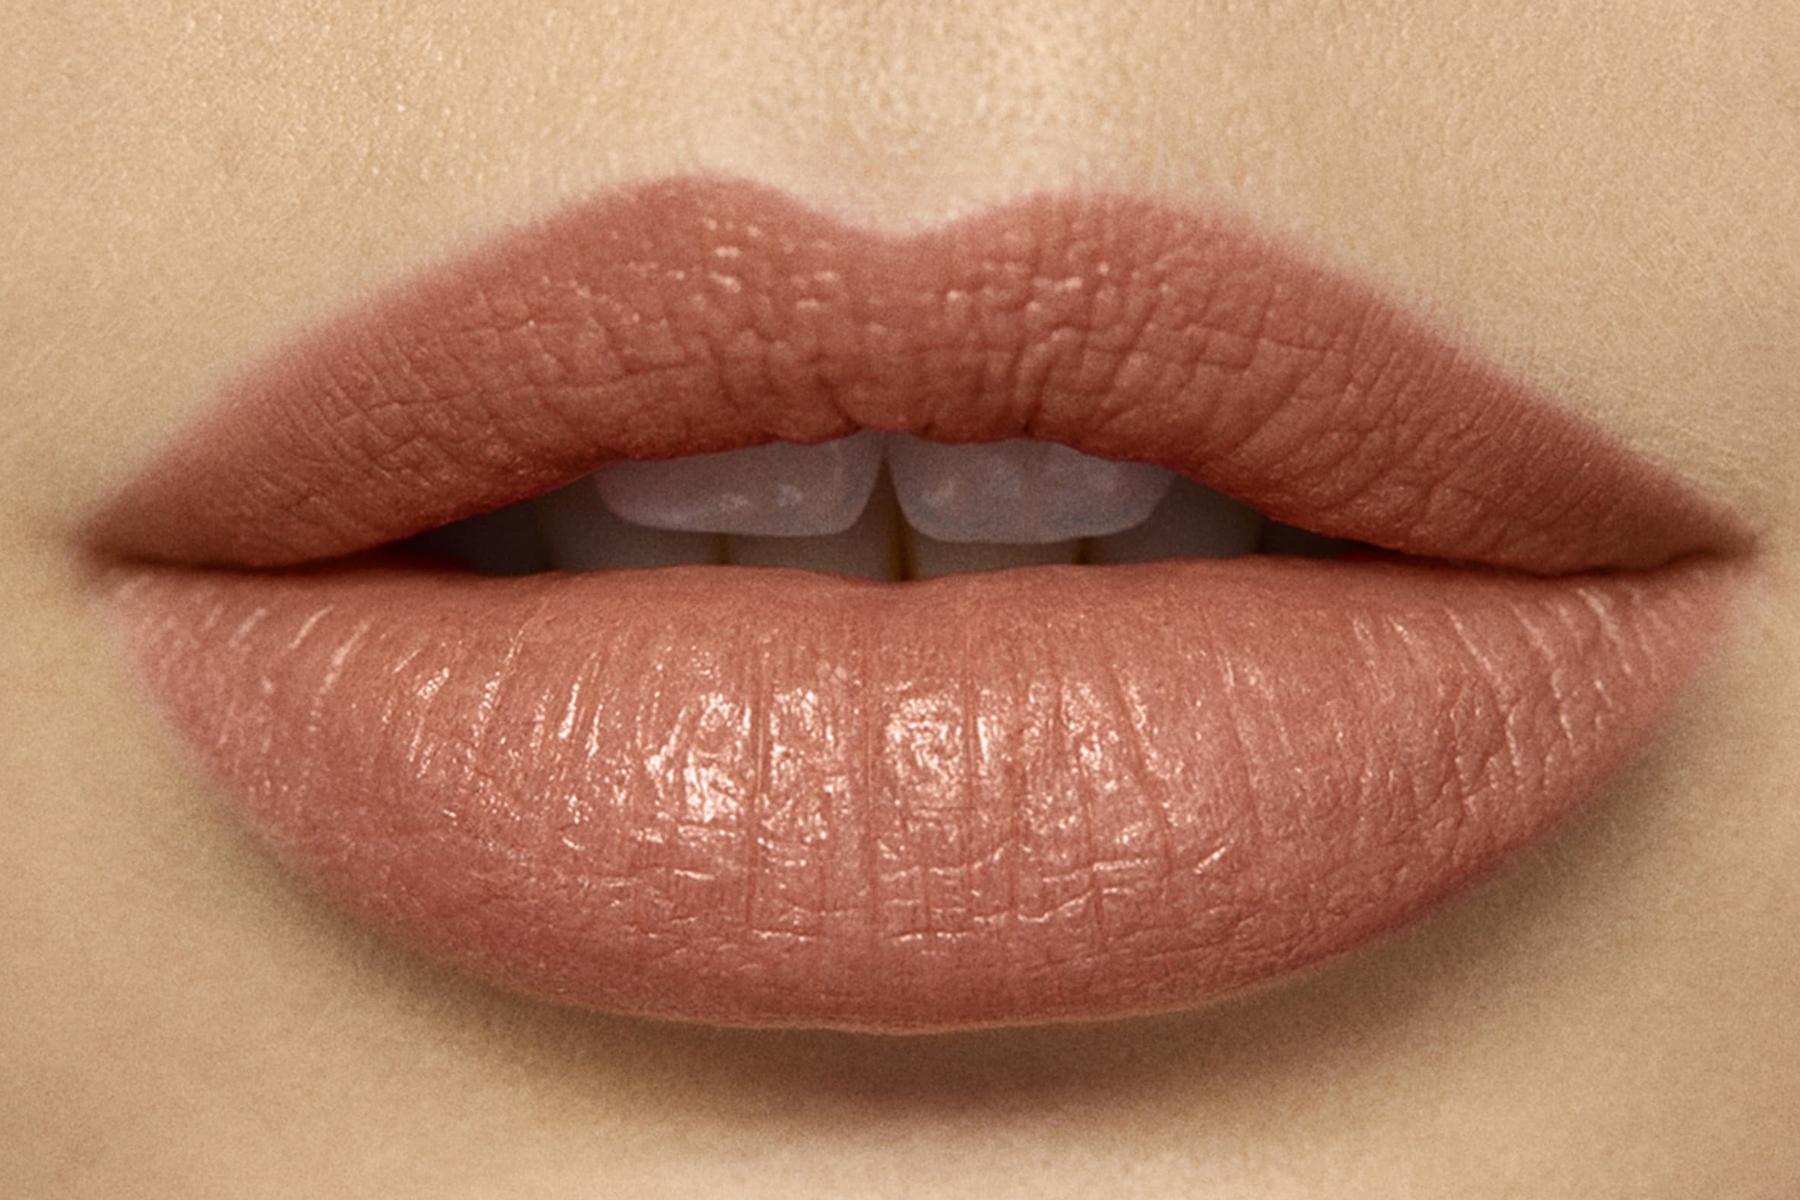 laura-mercier-rouge-essentiel-brun-pale-swatch